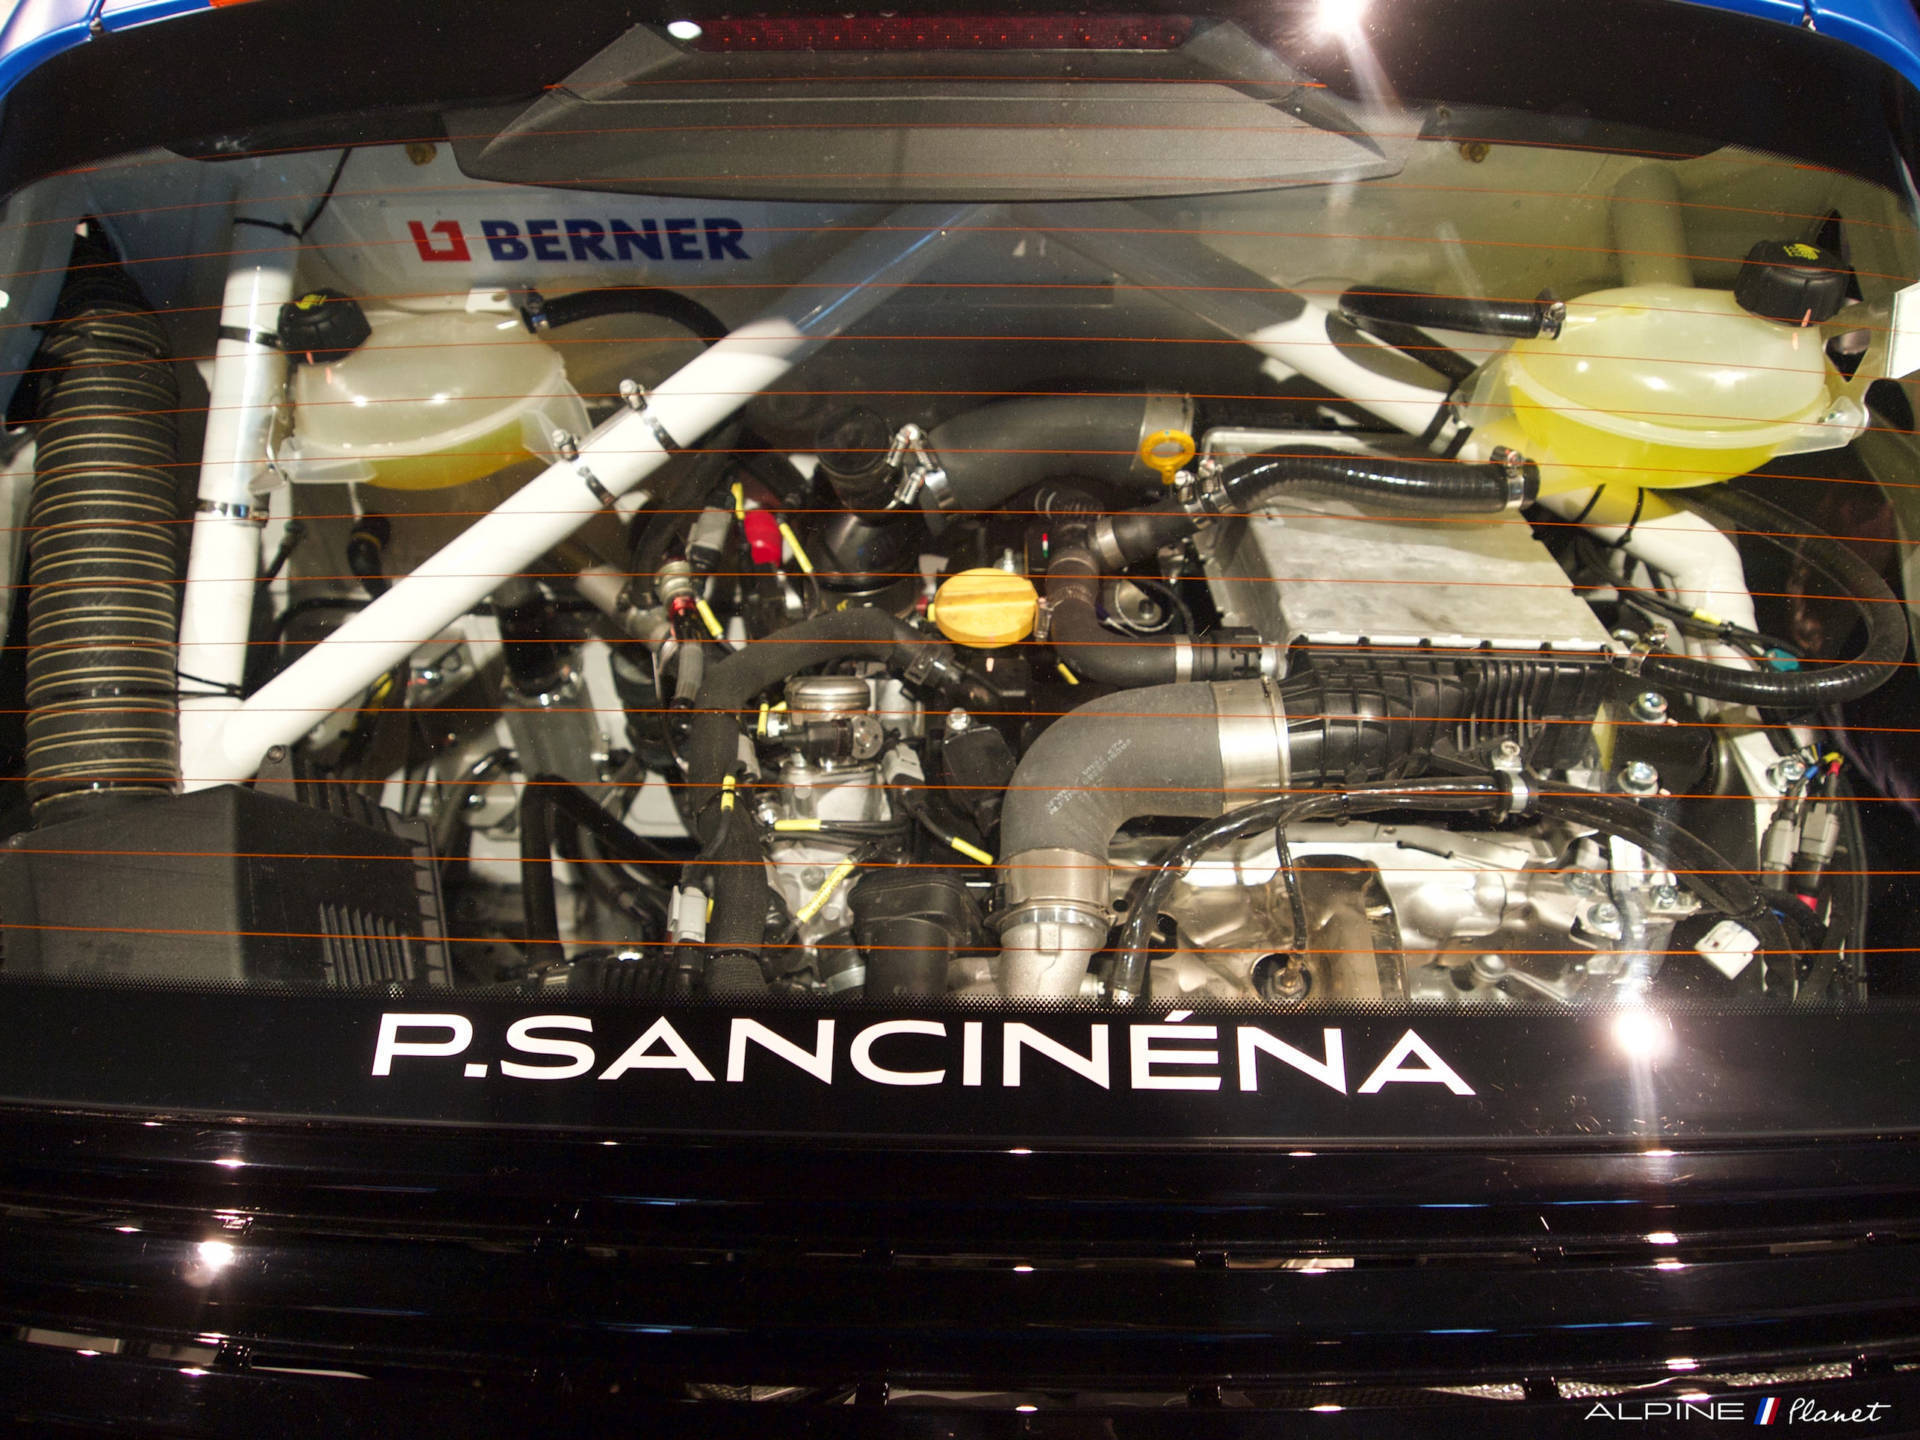 Alpine Planet A110 Cup Pierre Sancinena CMR Studio Boulogne RRG Fabien Cuvillier soirée 35 | Présentation de l'Alpine A110 Cup de Pierre Sancinena